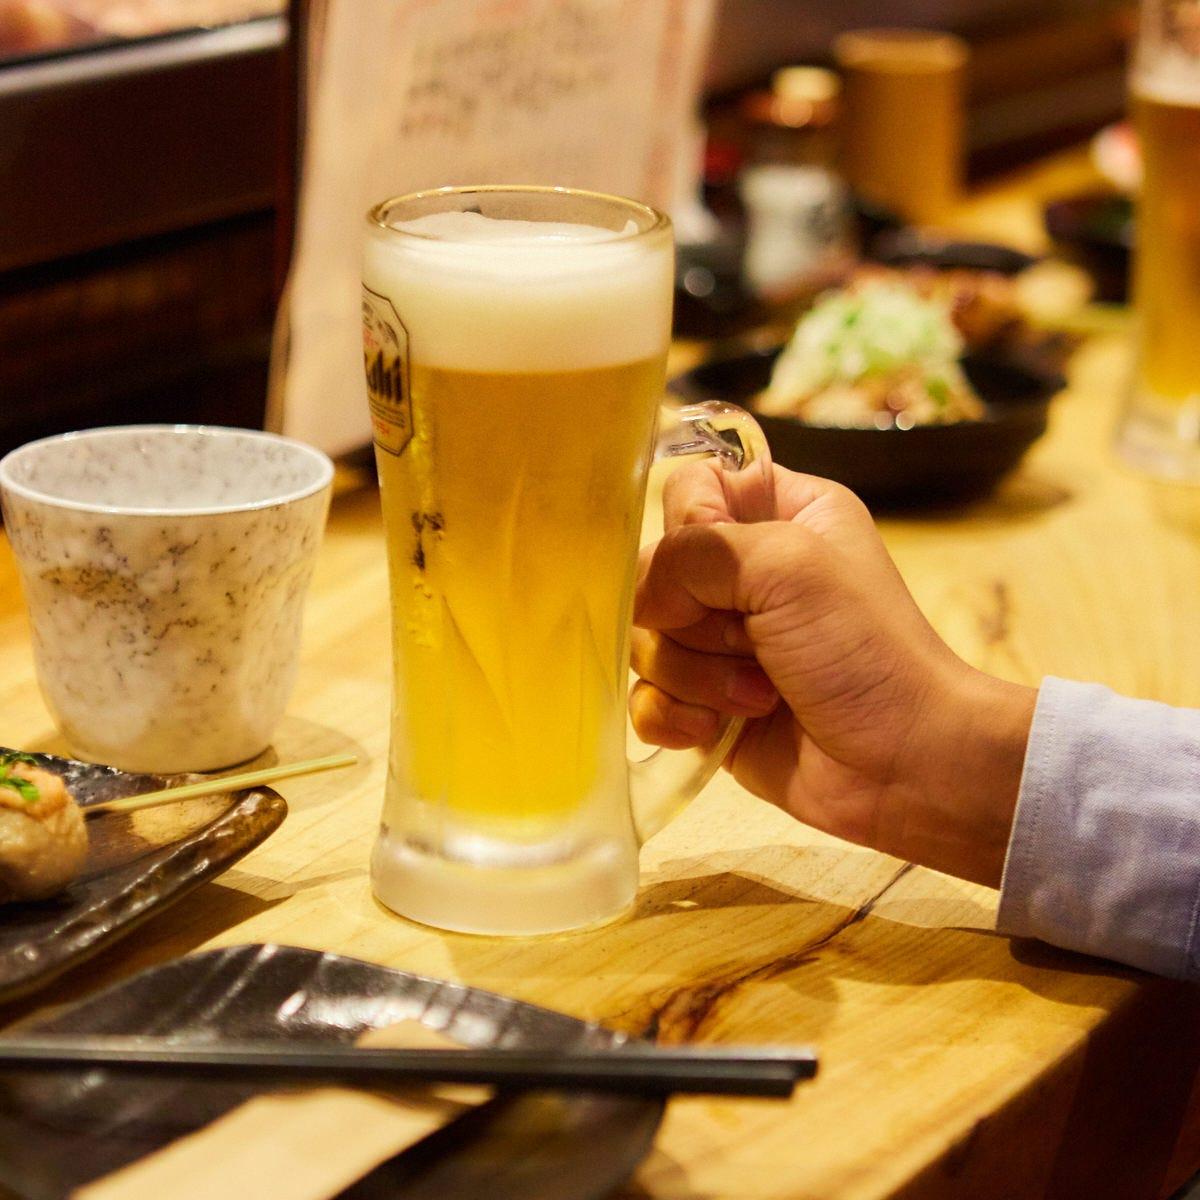 昼限定!【ちょい飲みプラン】お刺身やから揚げなどおつまみ5品+2時間飲み放題付き2000円